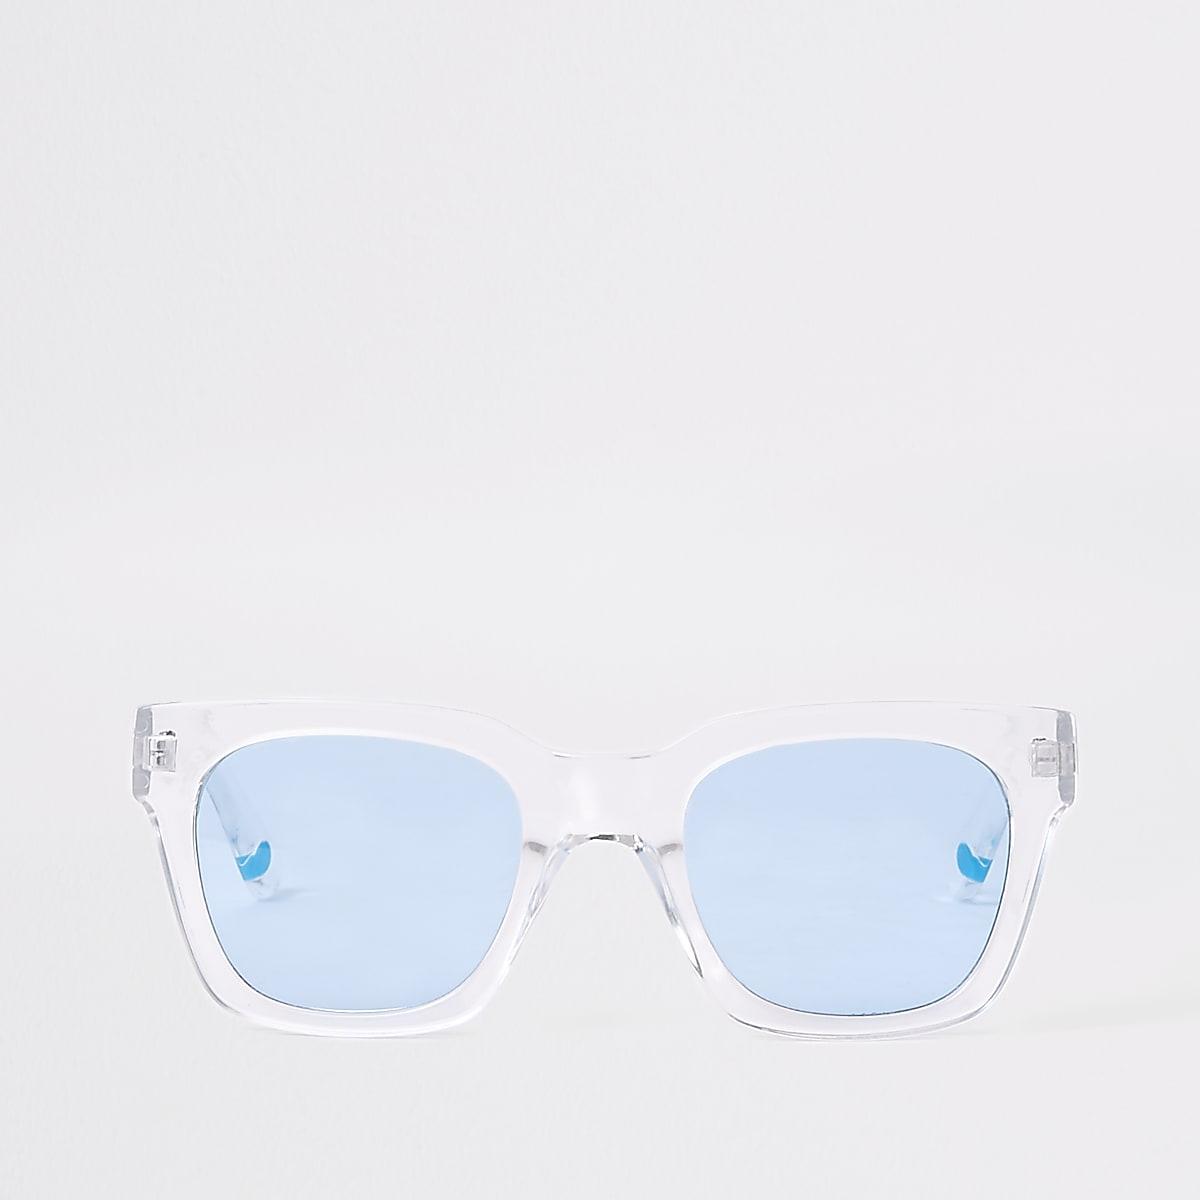 White clear frame blue lens sunglasses